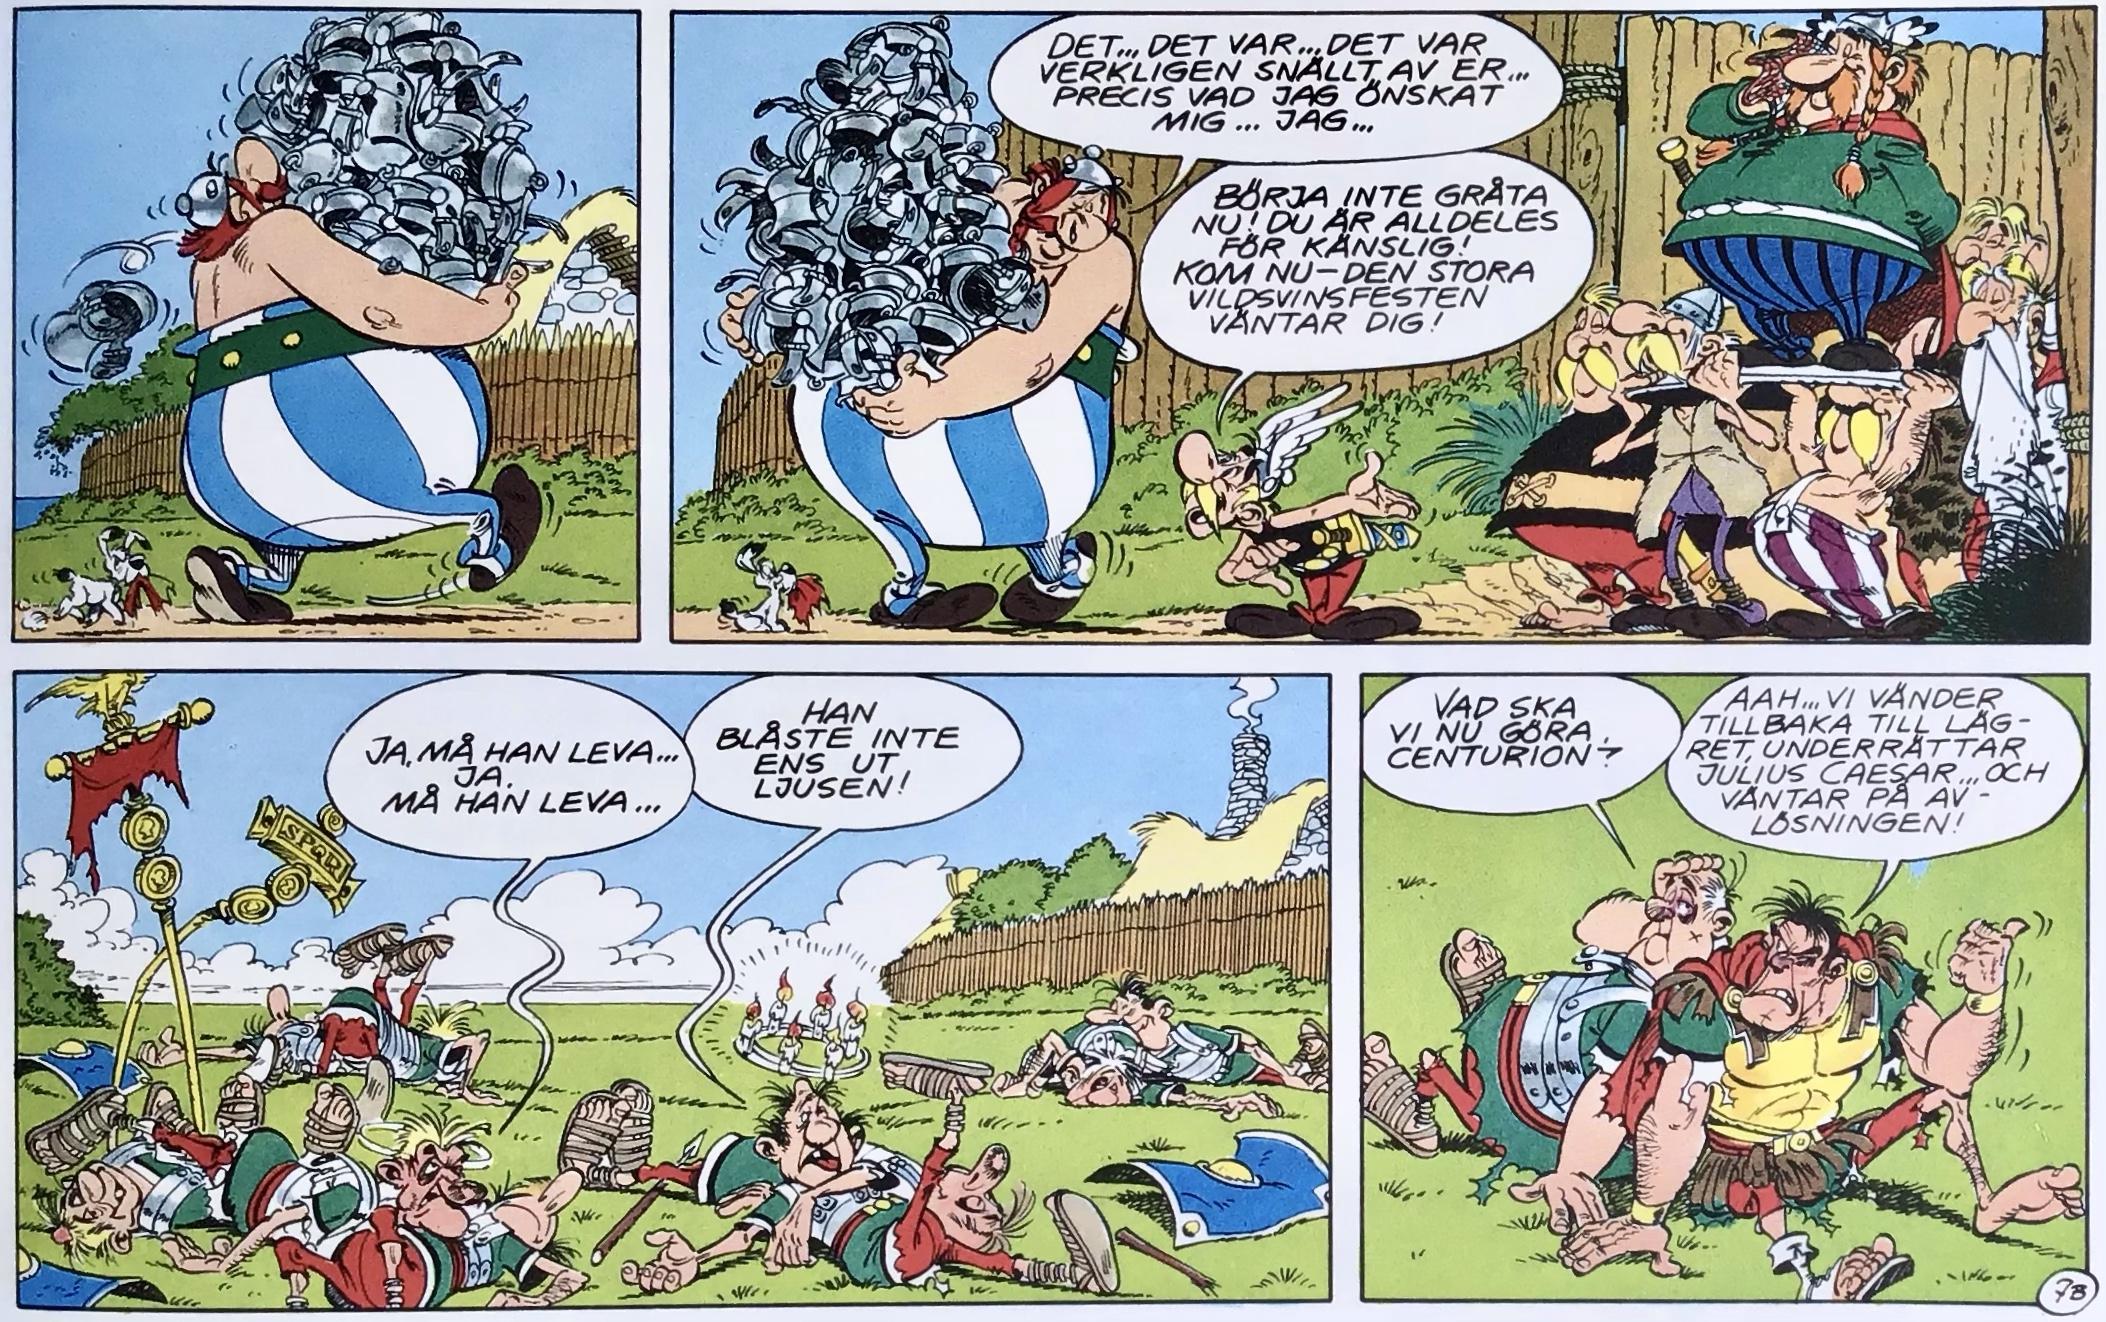 En del av en sida med Asterix ur Comics - serierna 100 år. ©Serieförlaget/Dargaud